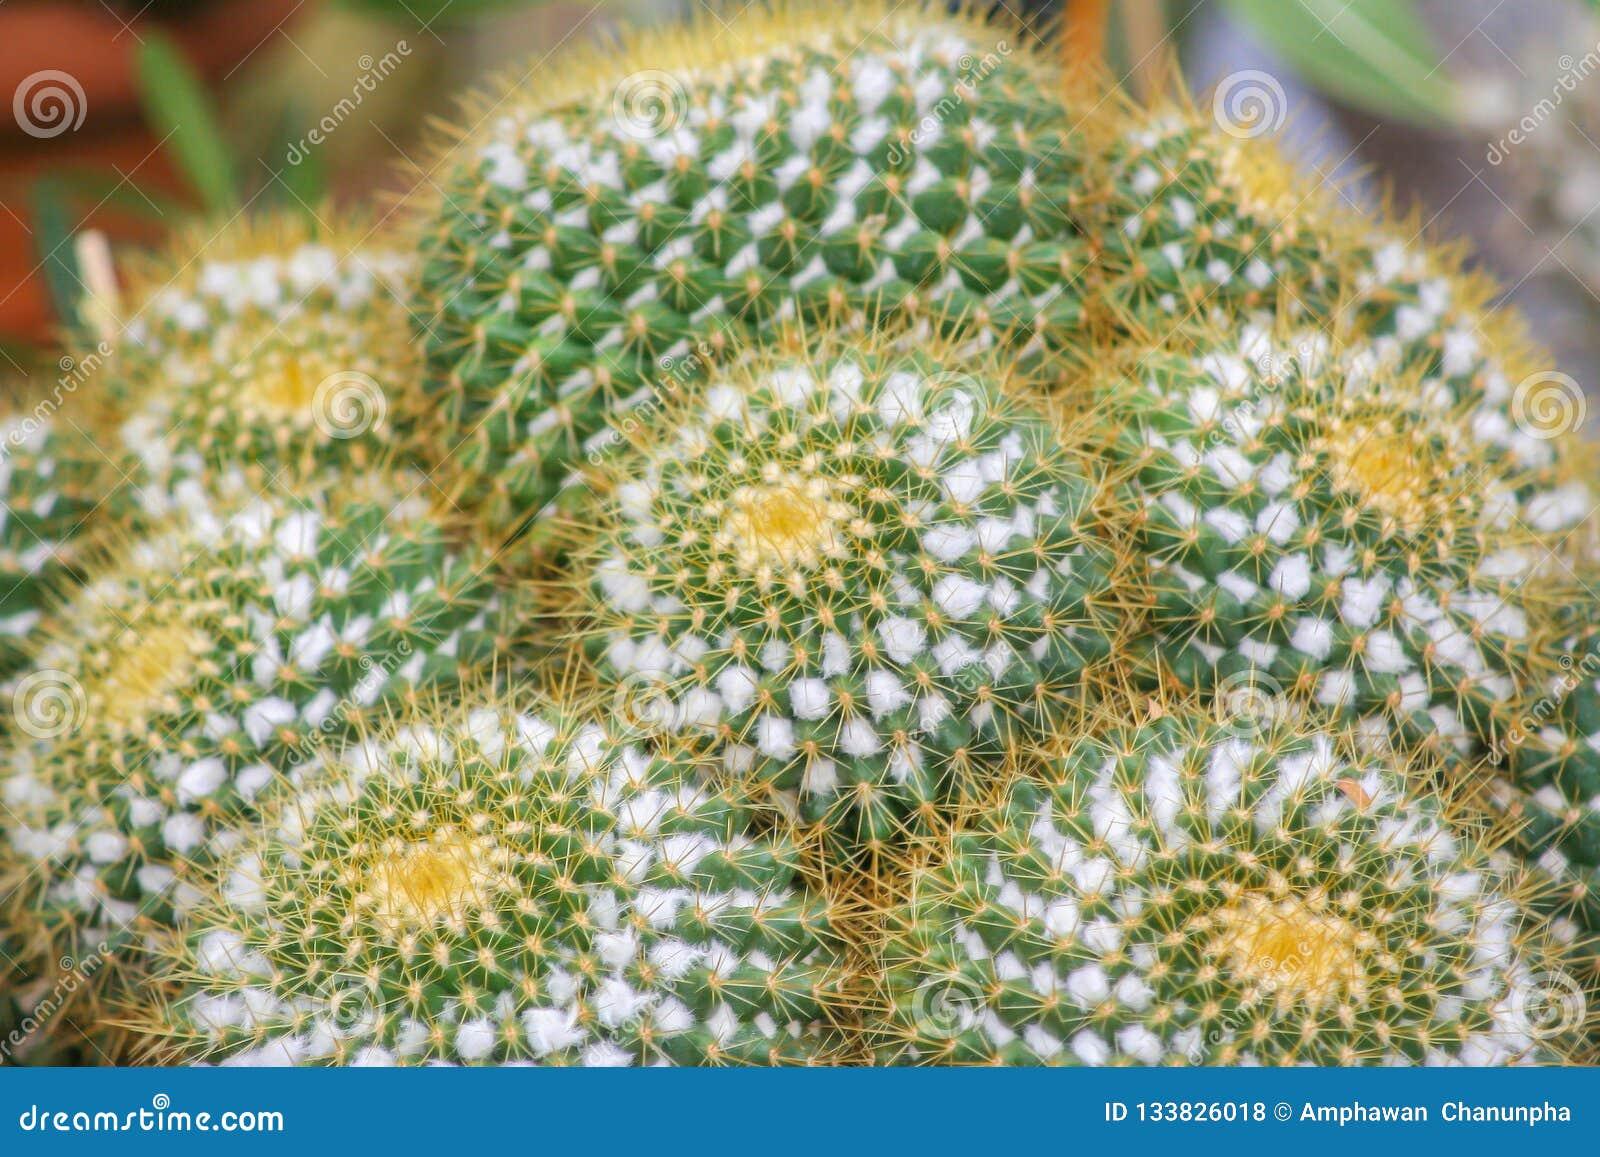 Echinocactus grusonii eller kaktus för guld- trumma, dekorativ växt för kruka